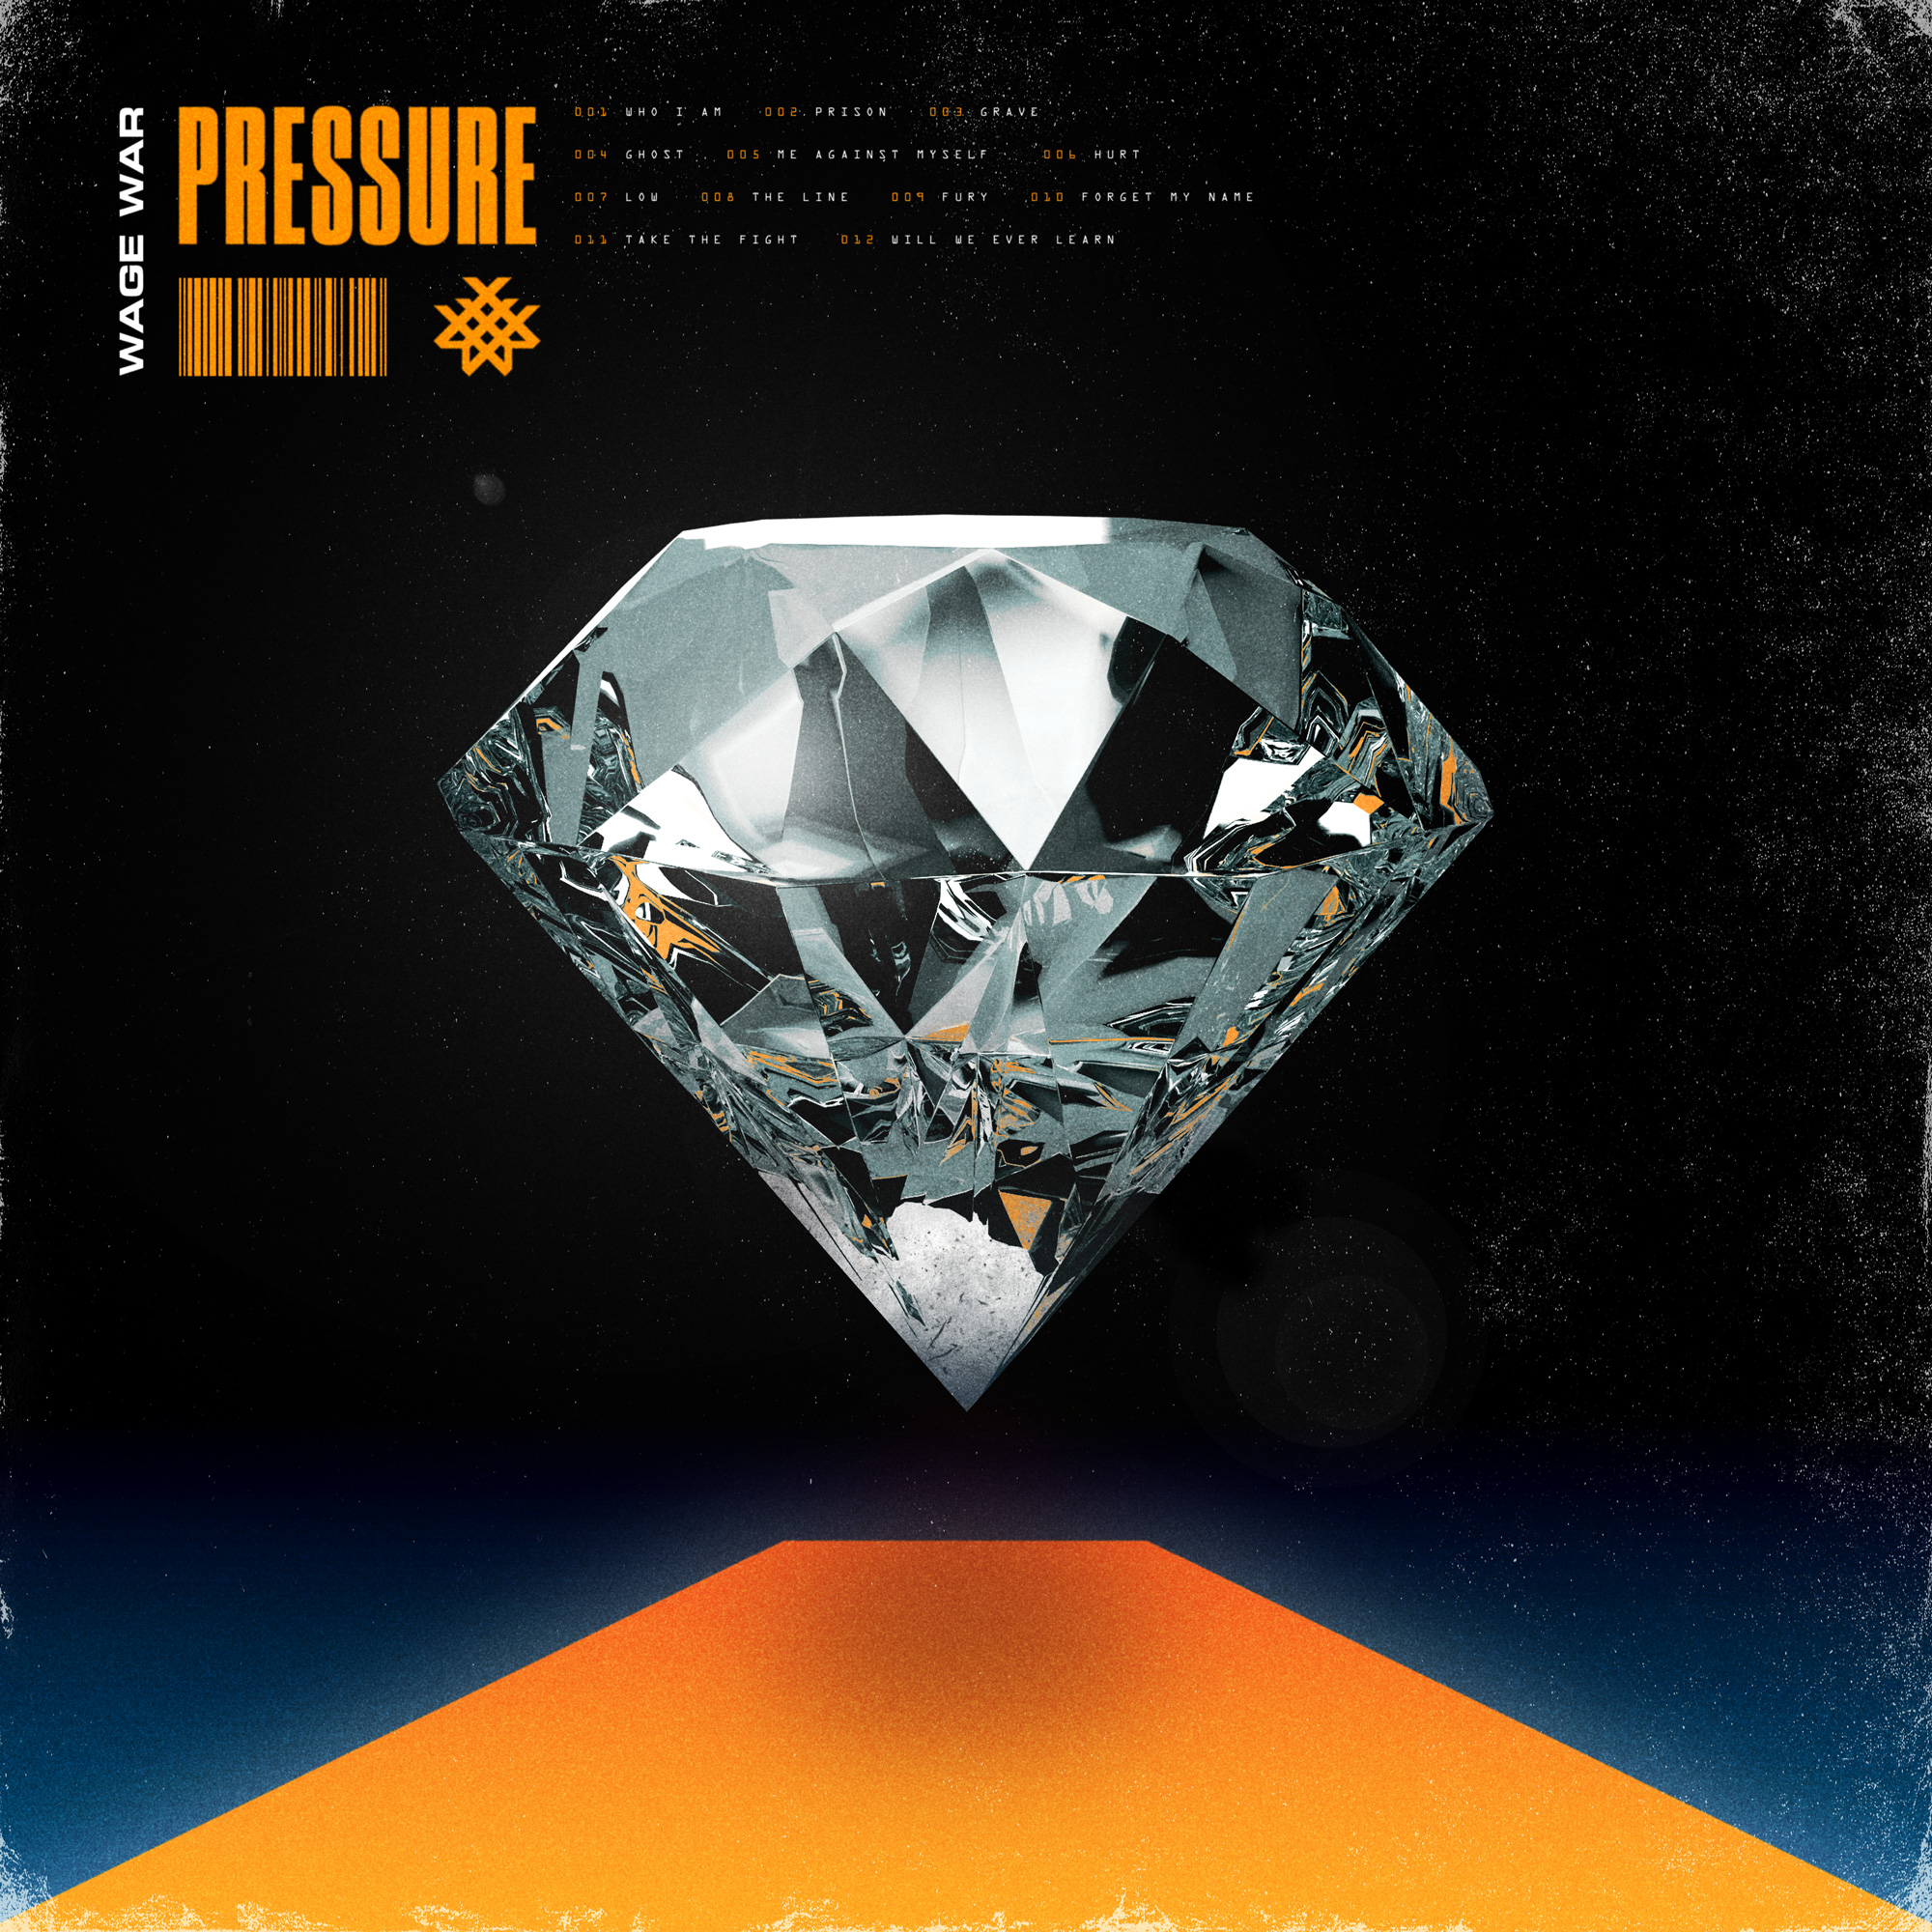 pressure-cover-2000x2000.jpg